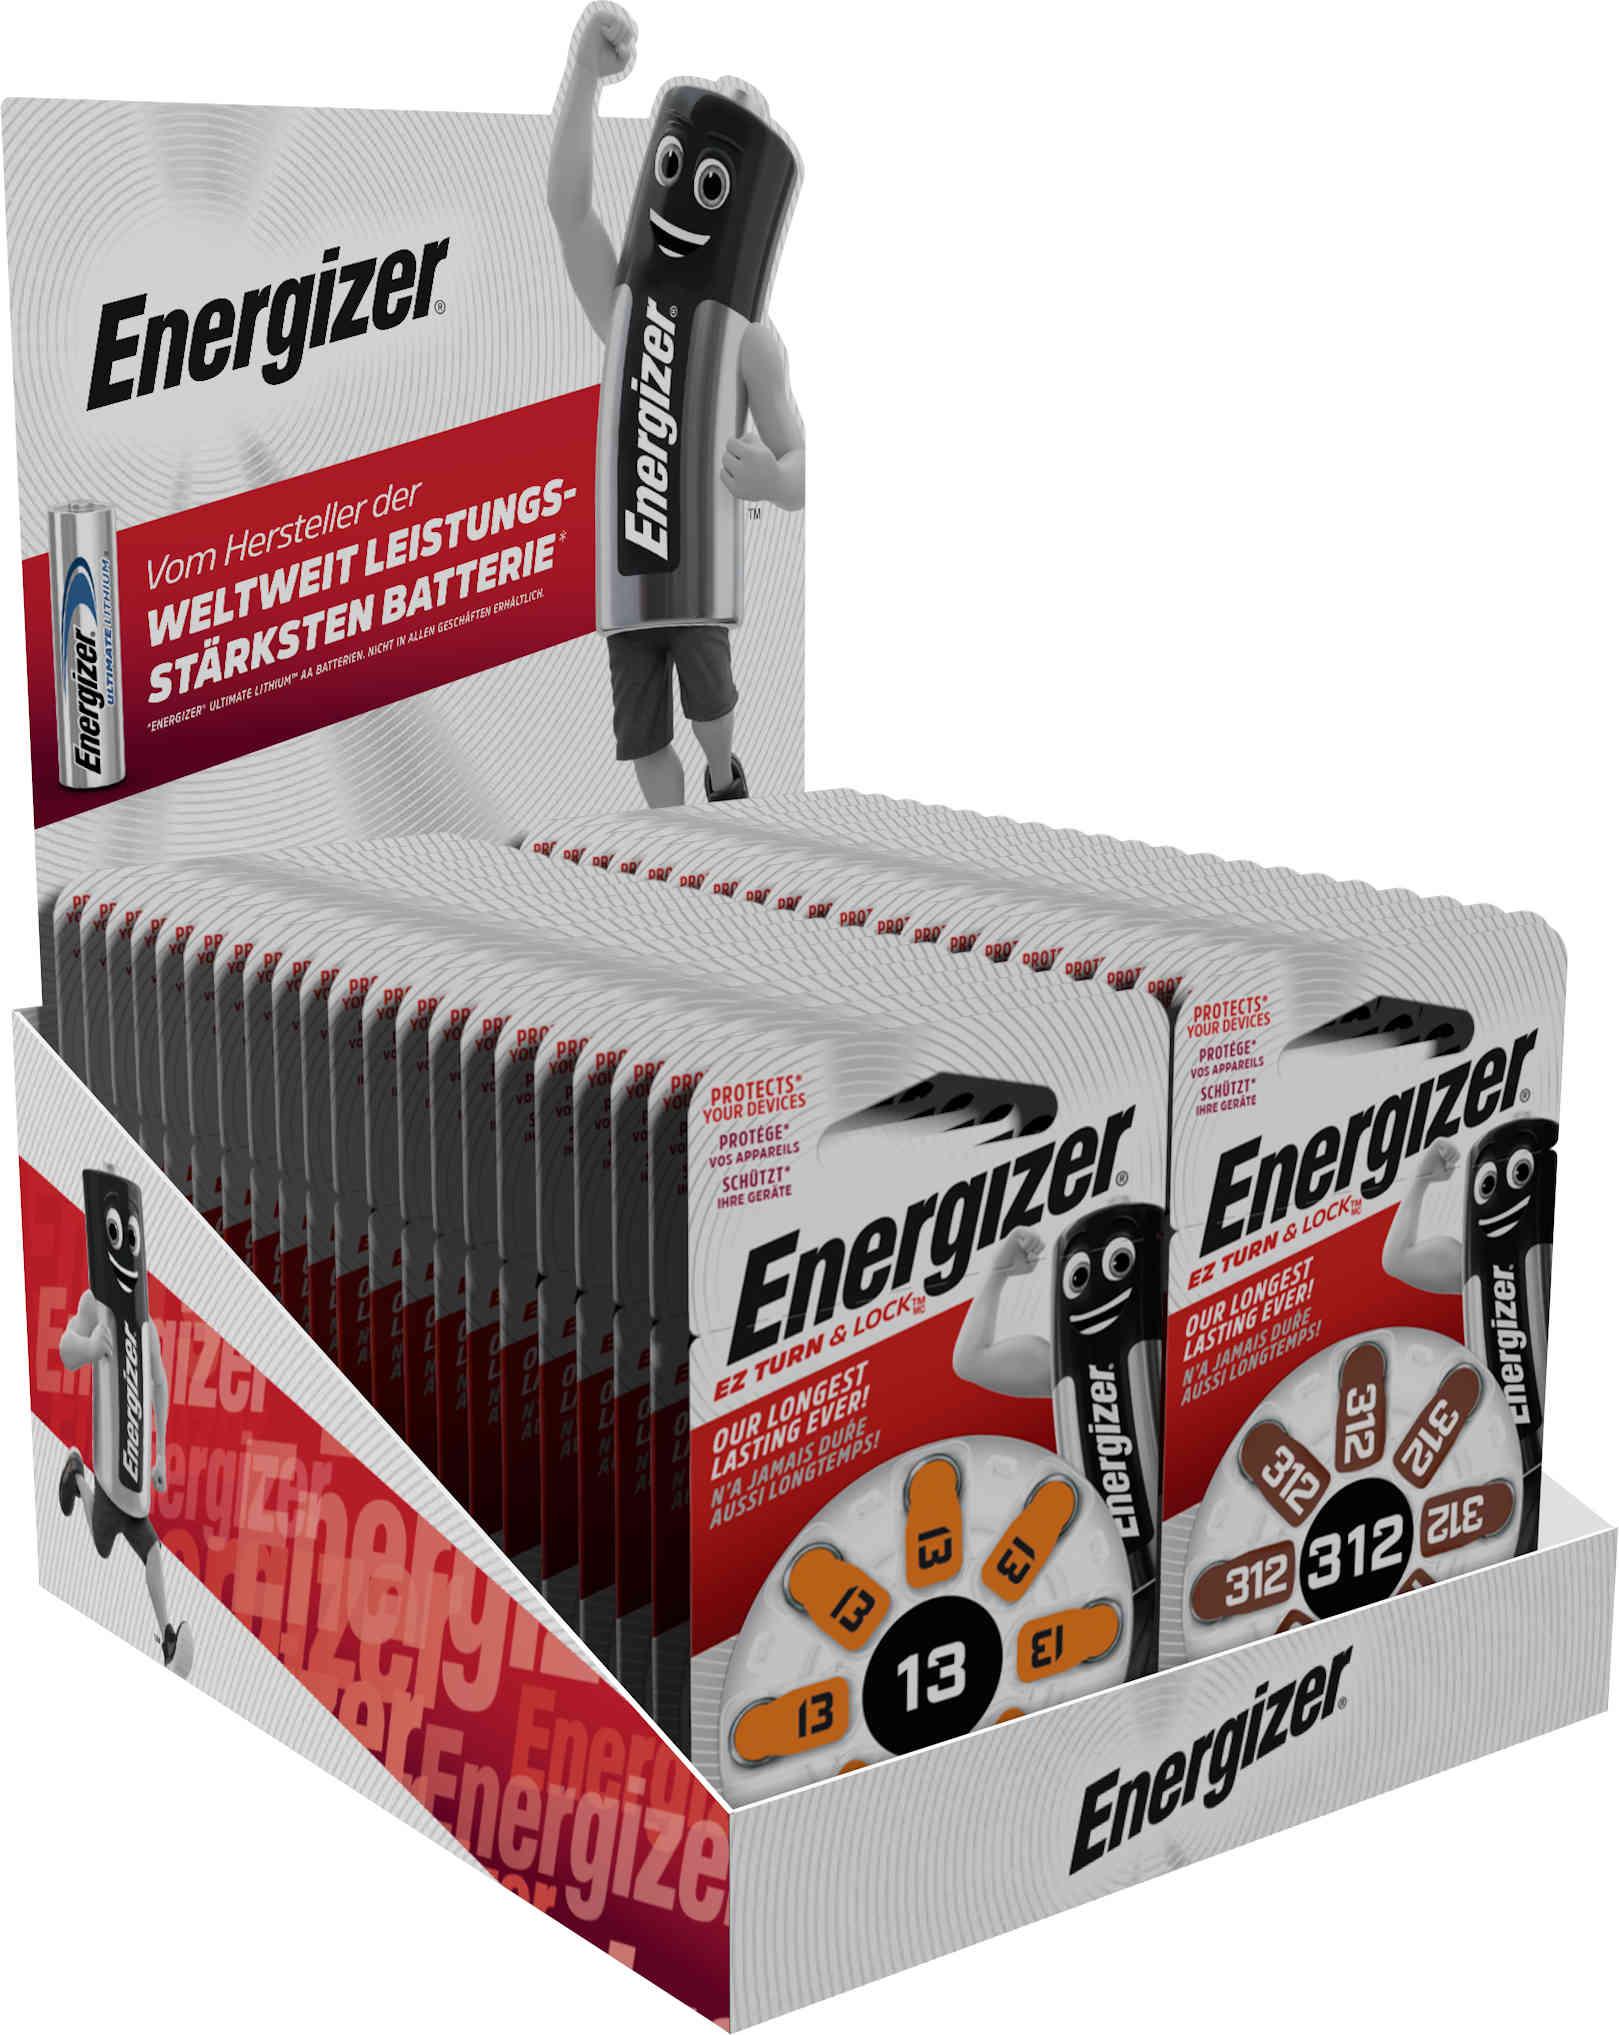 Display-energizer